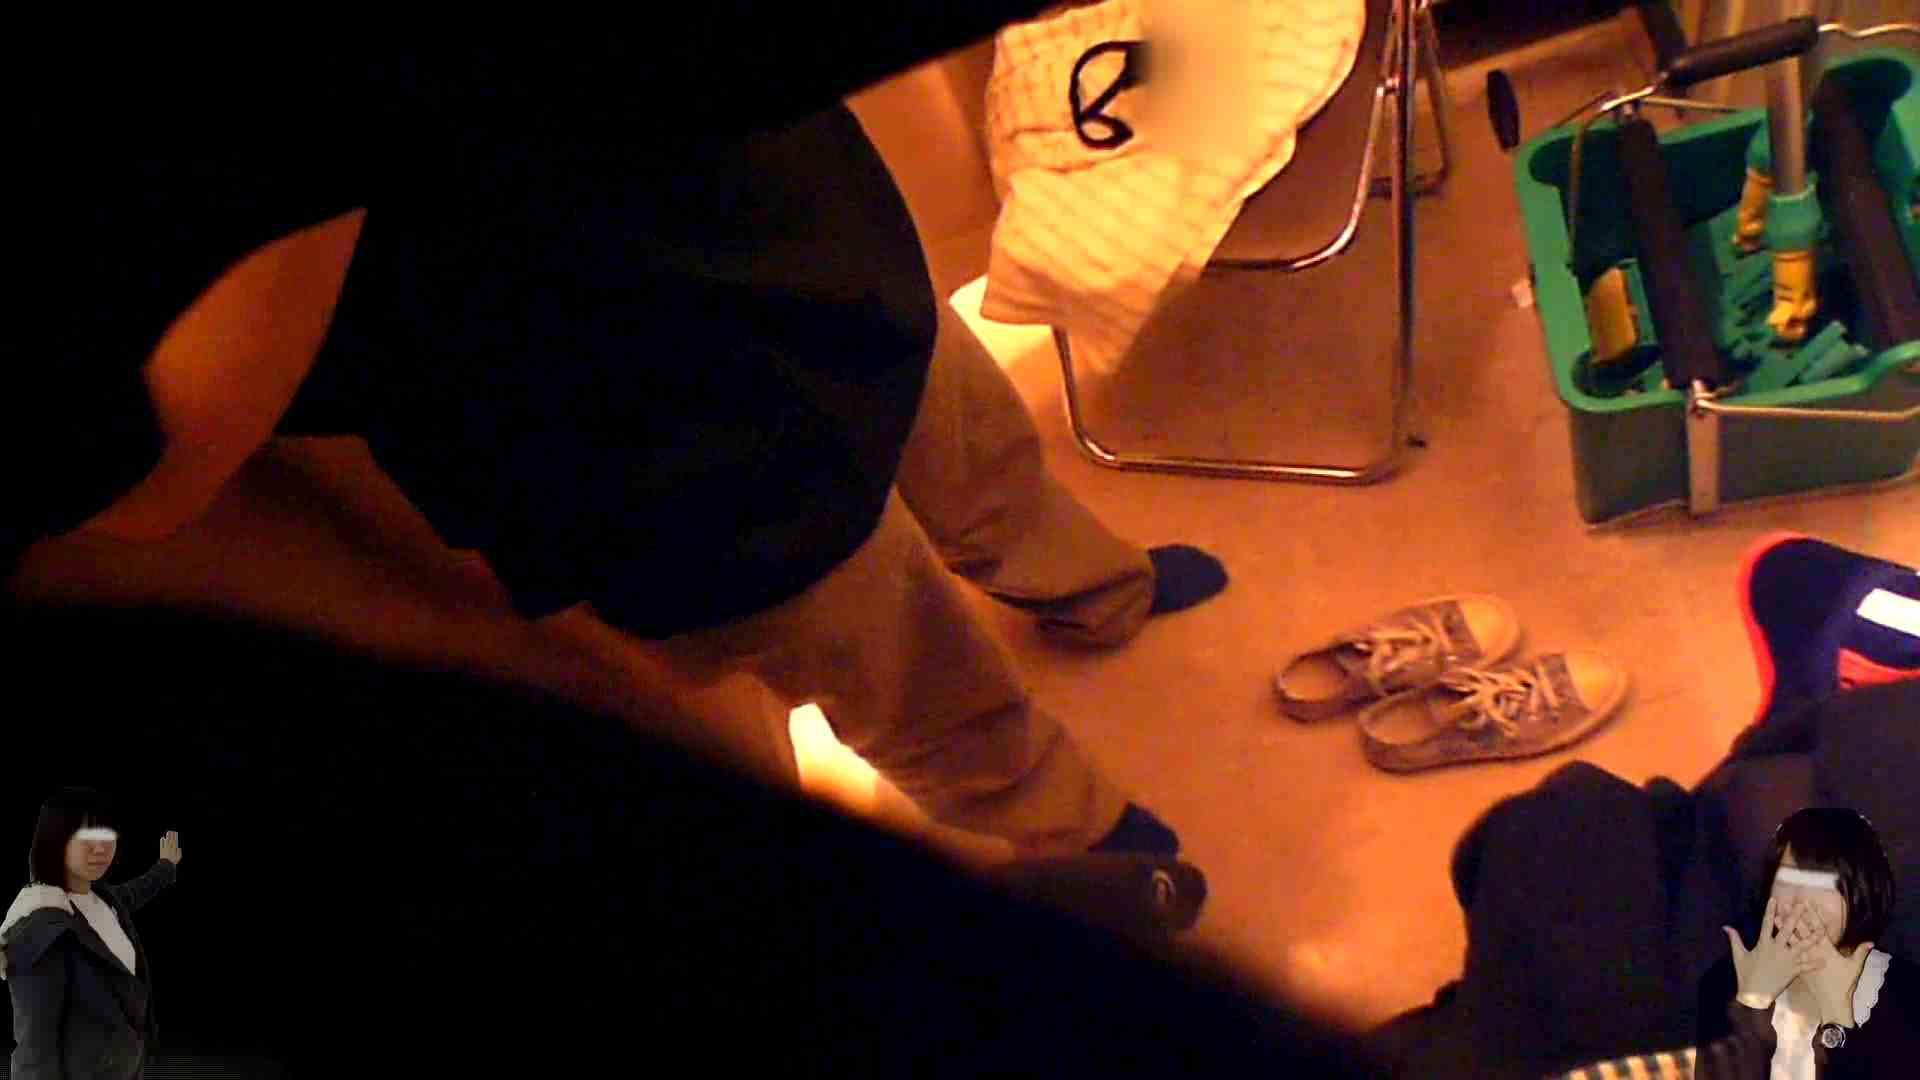 素人投稿 現役「JD」Eちゃんの着替え Vol.01 素人 すけべAV動画紹介 89連発 45